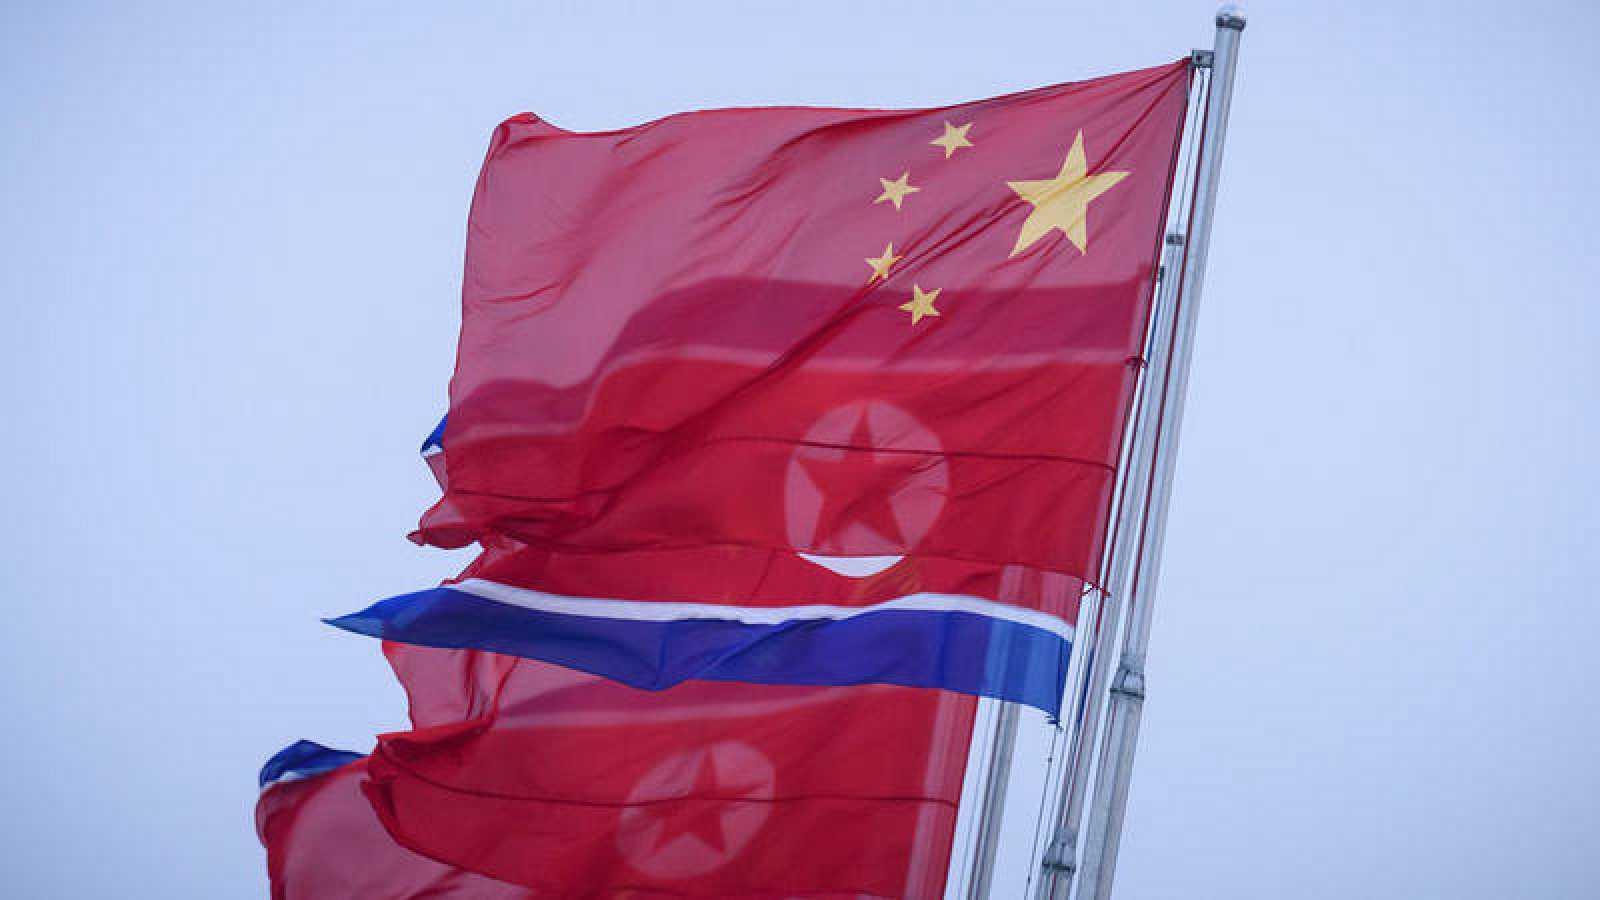 Banderas chinas y norcoreanas en Pyongyang, un día antes de la visita de Xi Jinping a Corea del Norte.Ed JONES / AFP